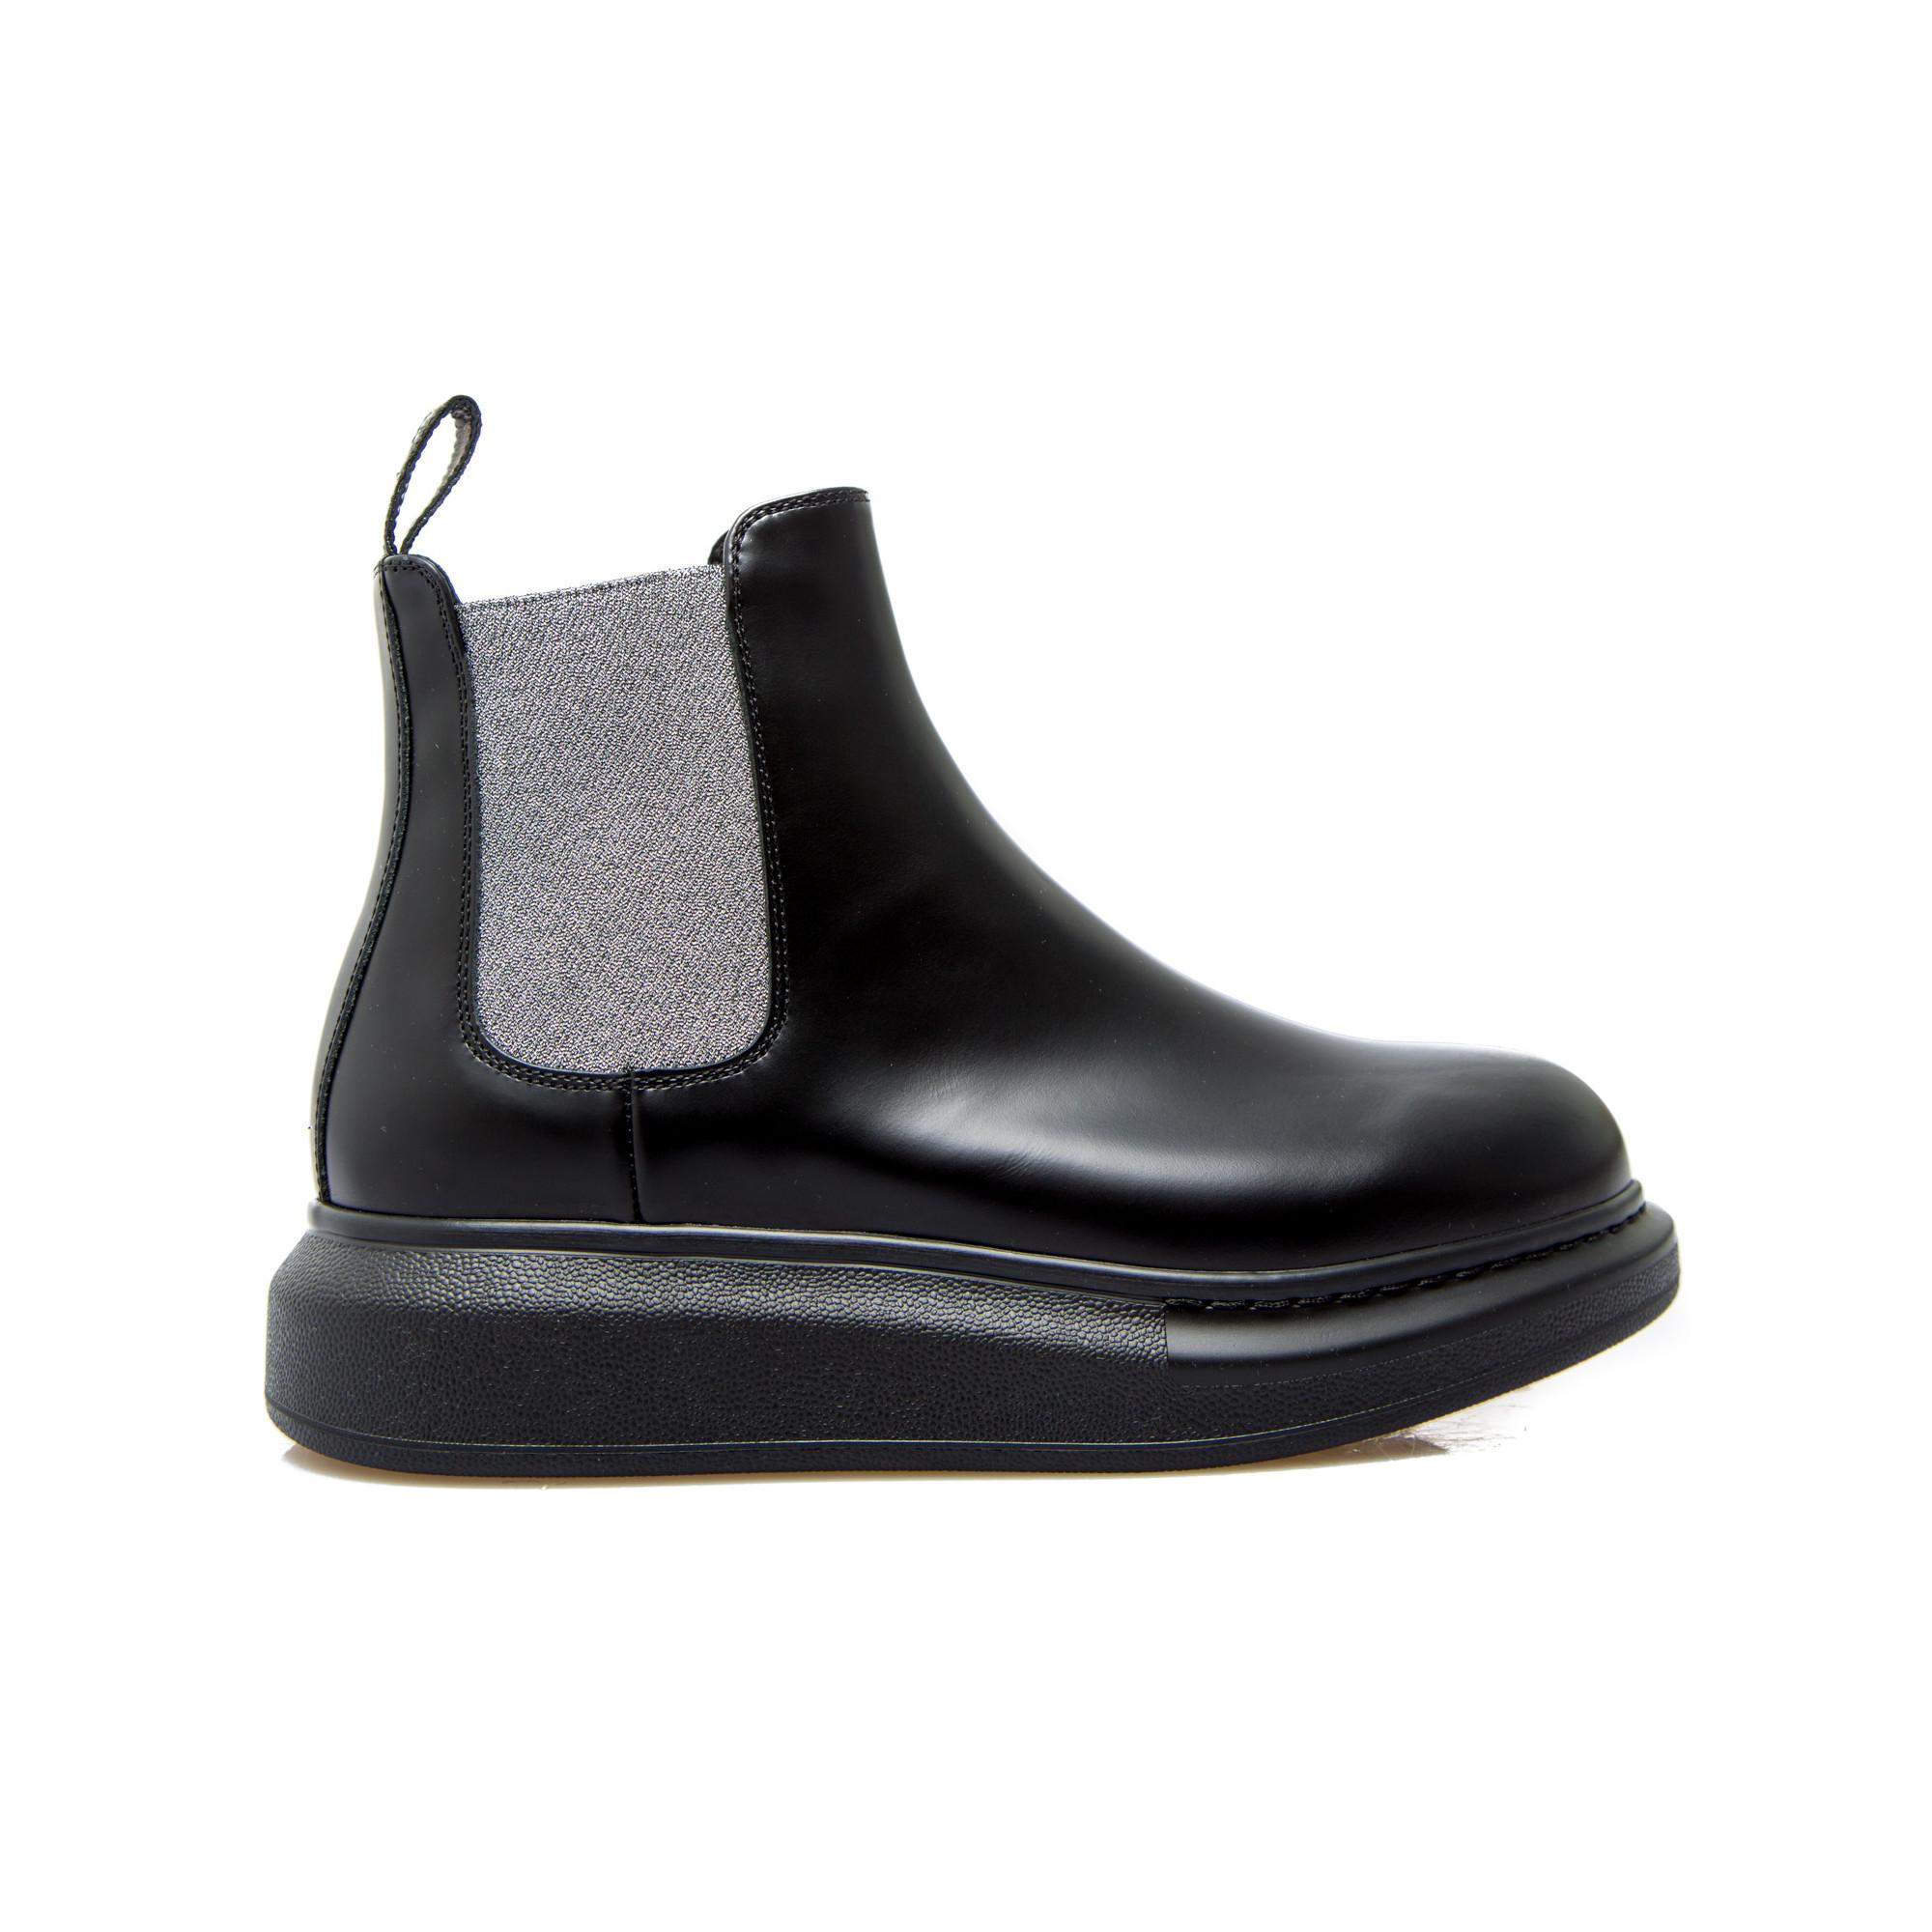 Alexander Mcqueen Low Boots Zwart |